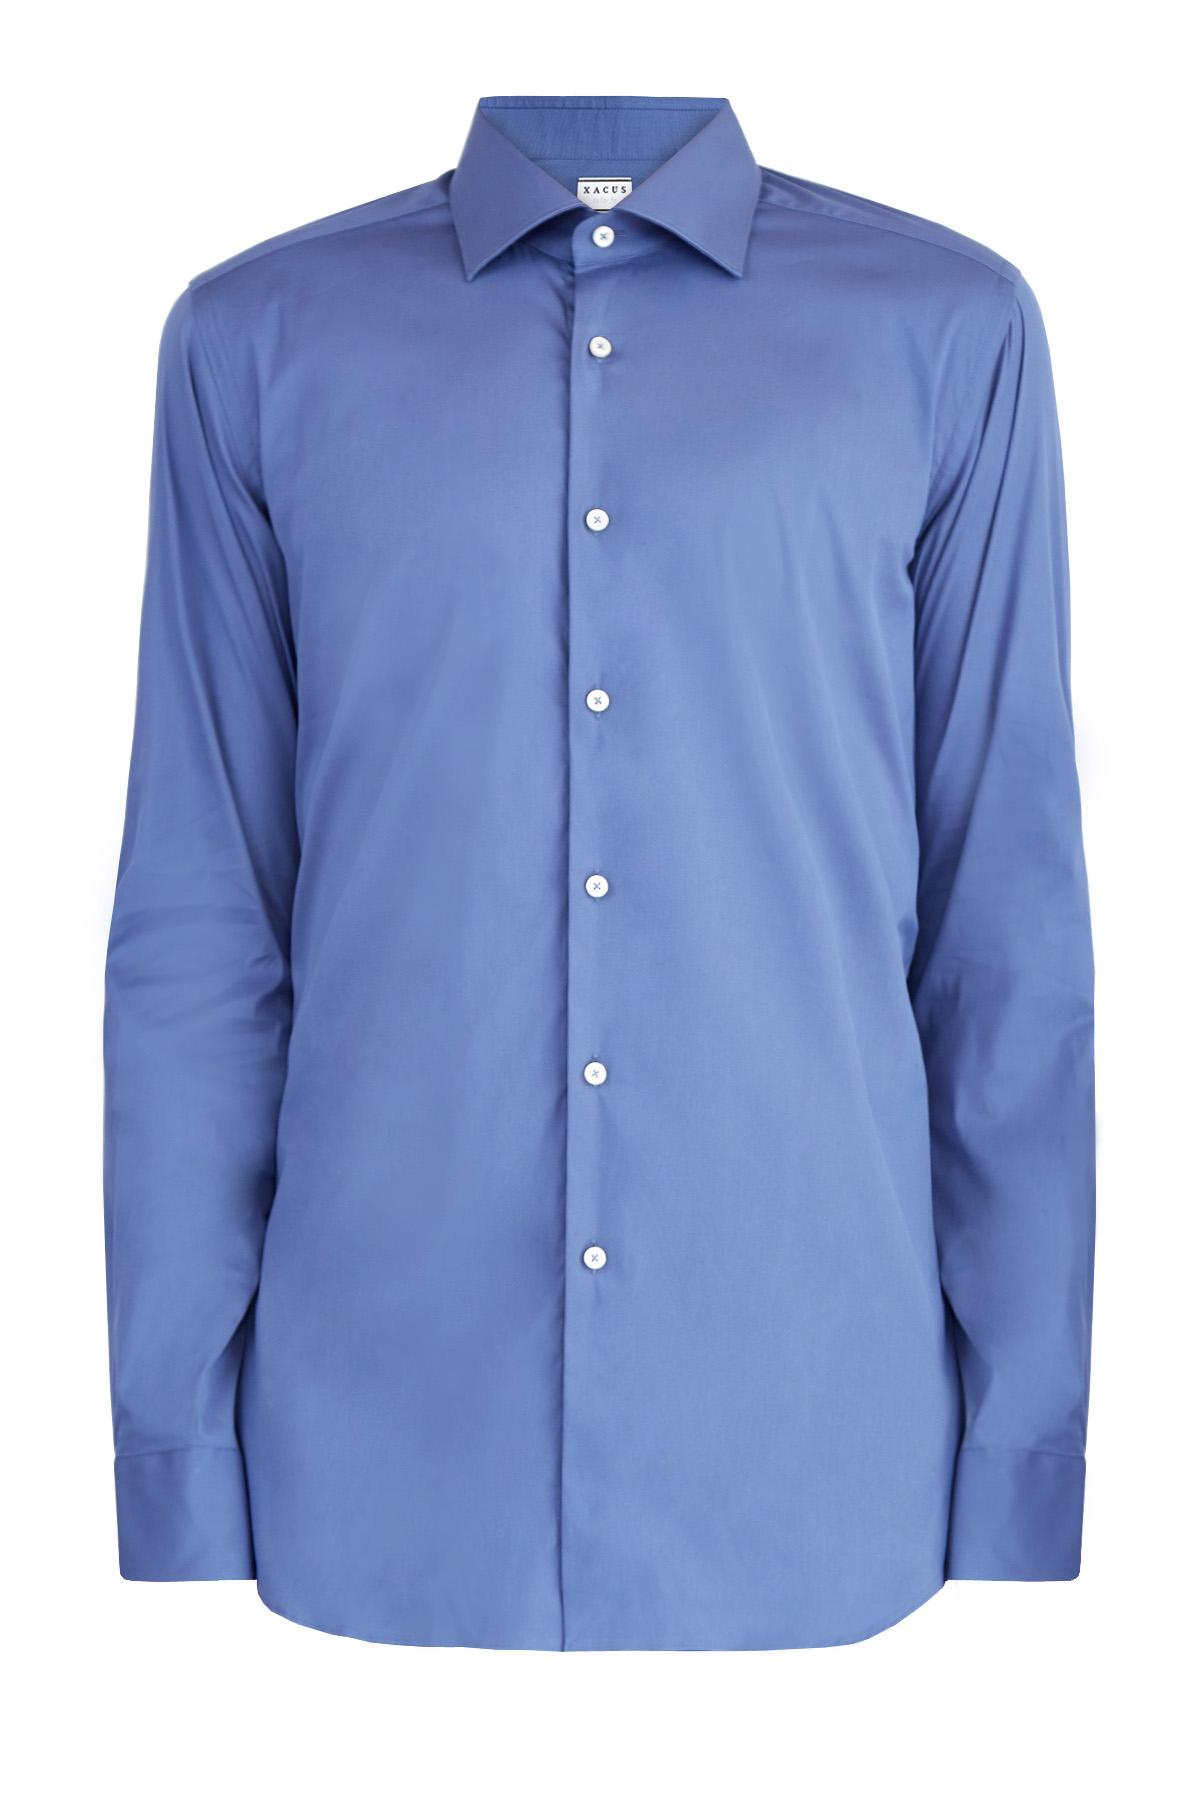 Однотонная рубашка из эластичного поплина силуэта Tailor Fit фото